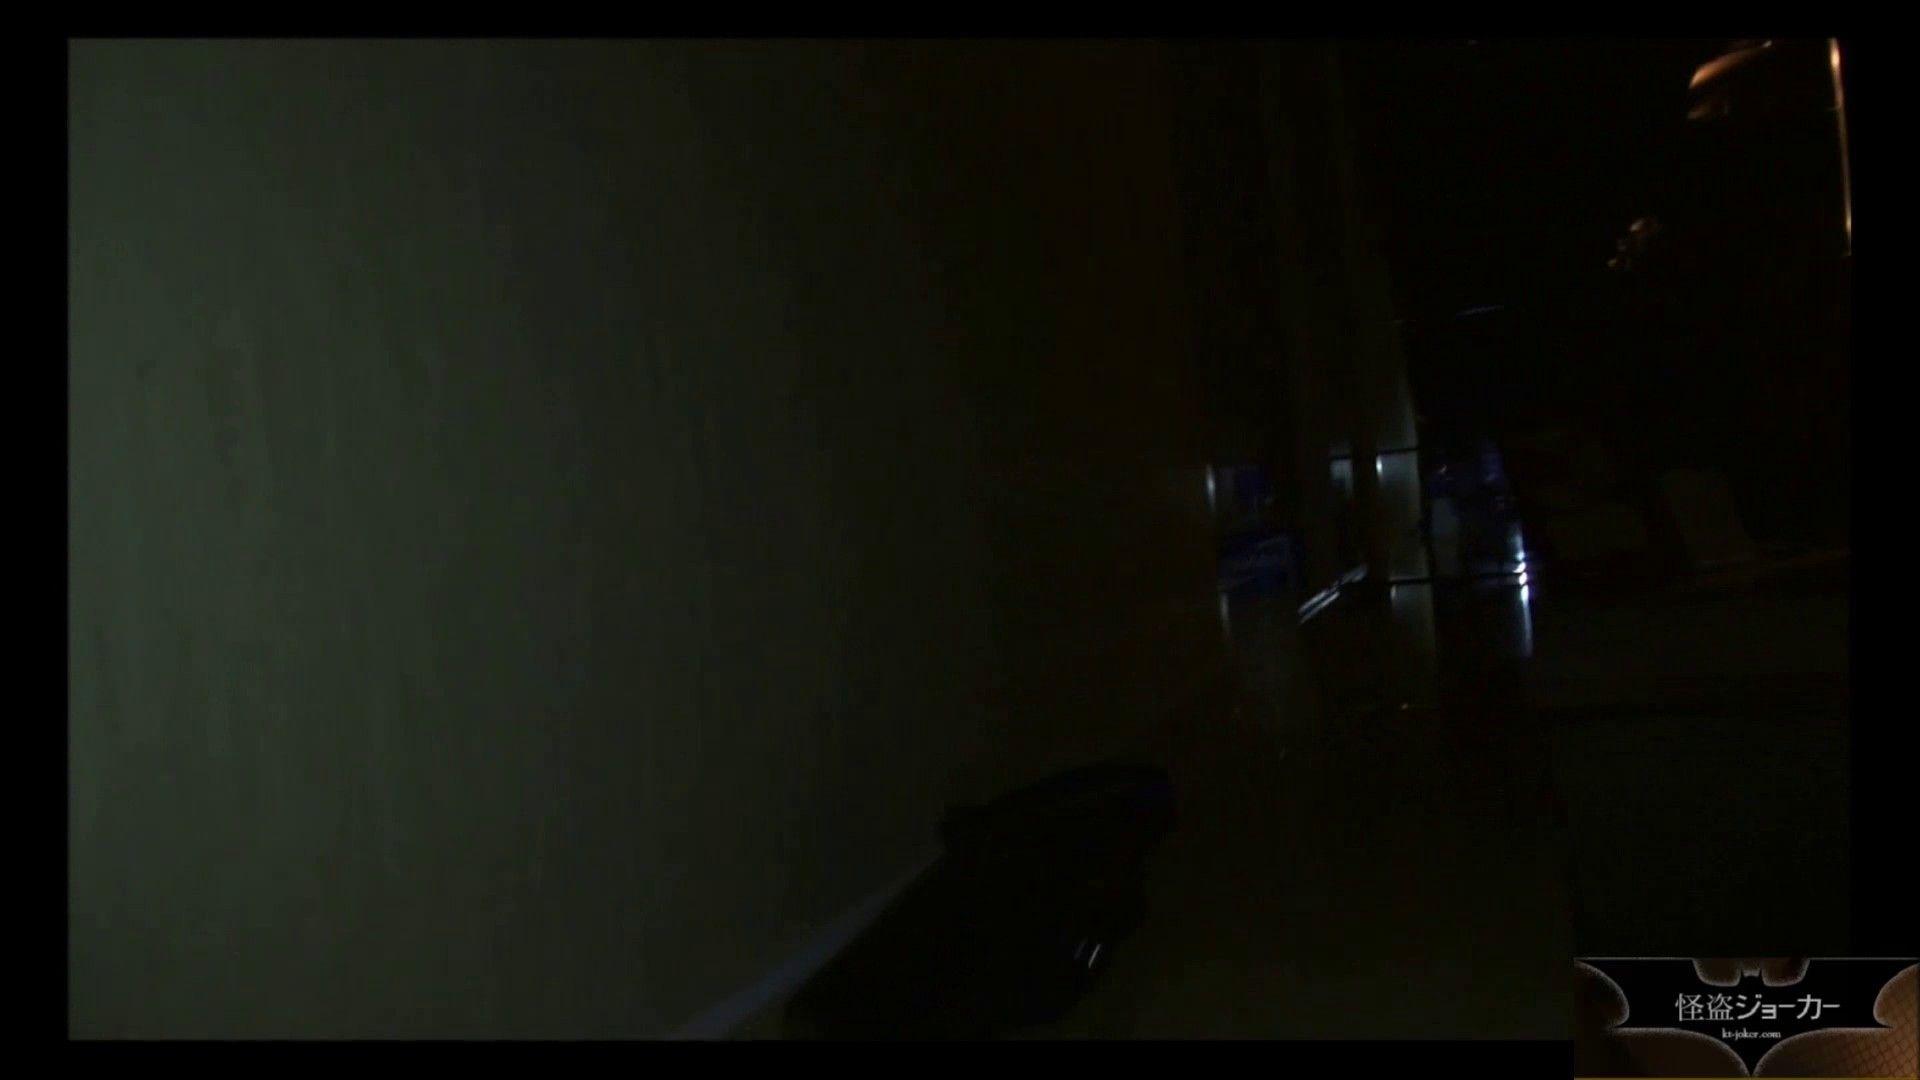 【未公開】vol.65 {黒髪美少女18歳}AIちゃん、連れ込み悪戯③ 丸見え  92枚 70